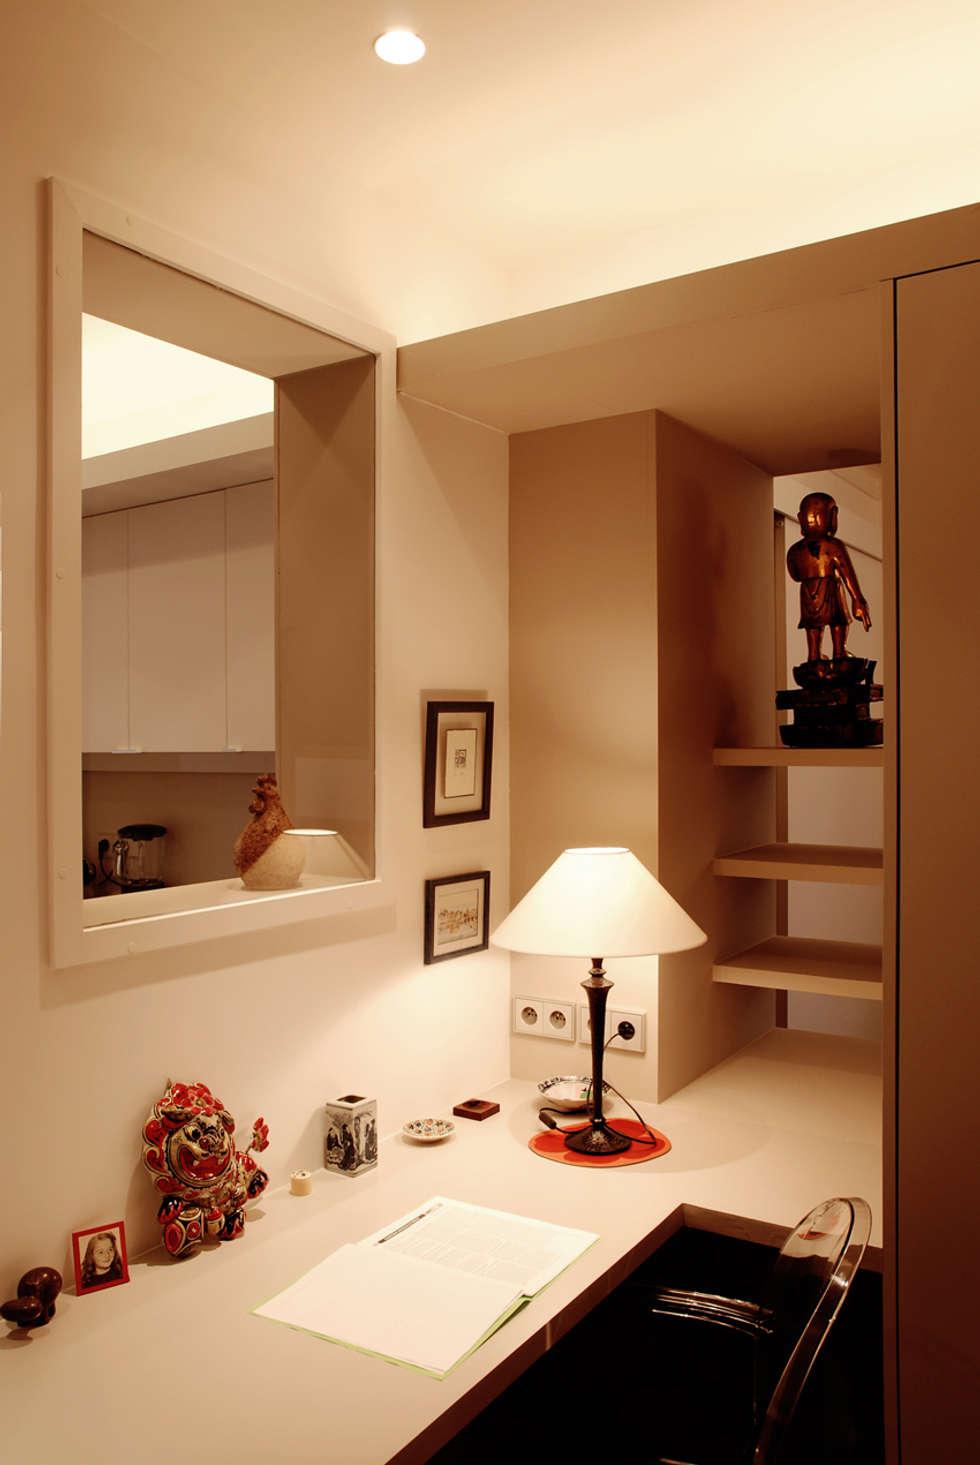 Place de Clichy: Bureau de style de style Moderne par Atelier Sylvie Cahen